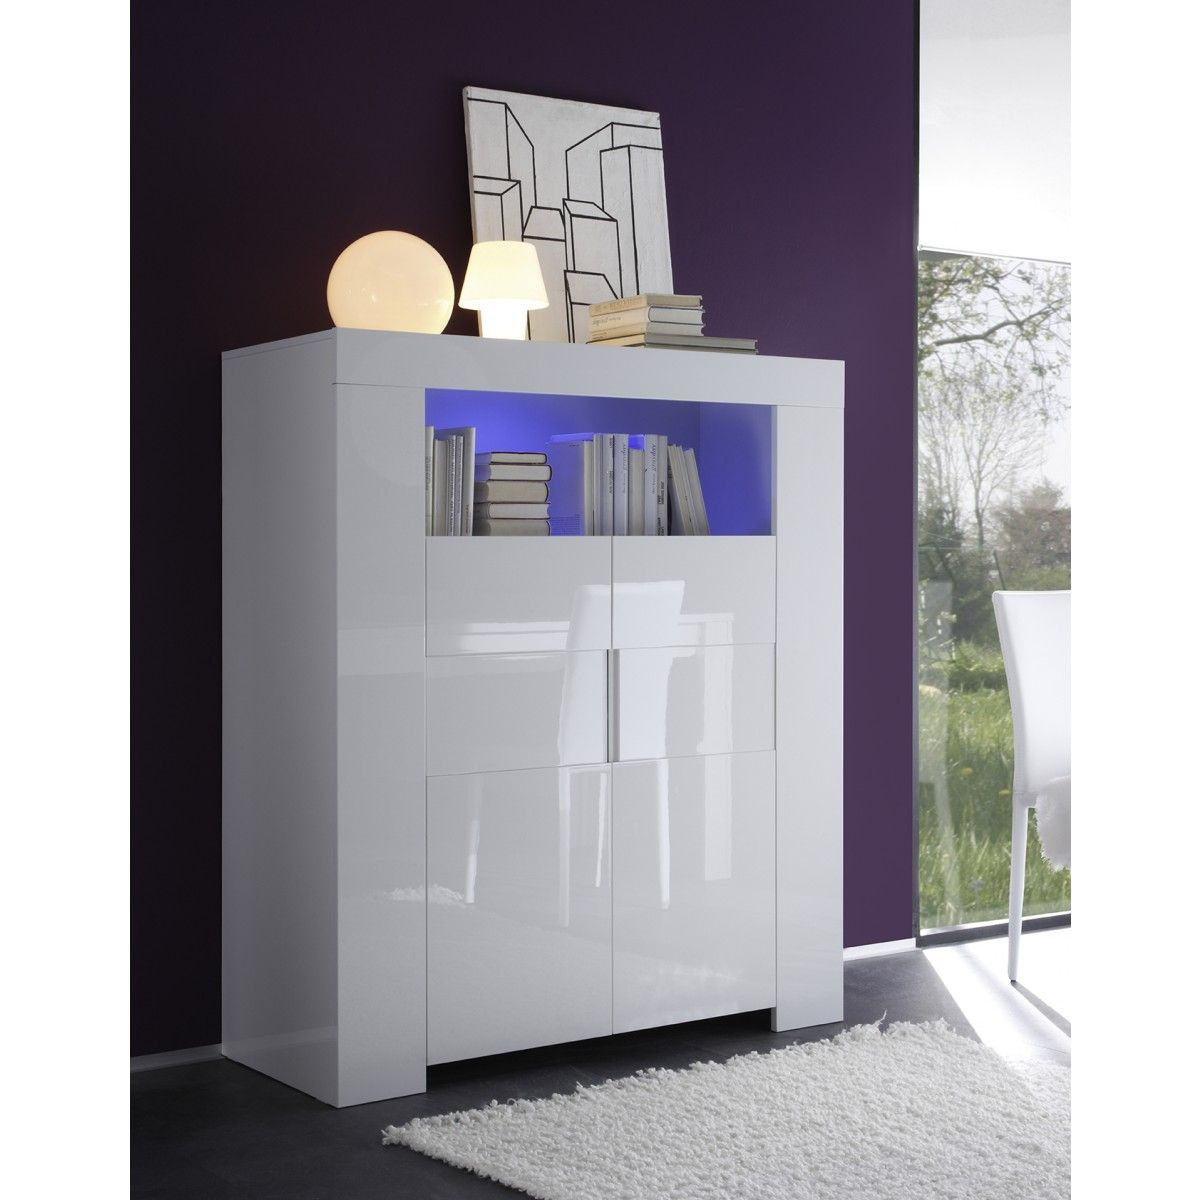 Tonnant Meuble Laqu Blanc D Coration Fran Aise Pinterest  # Vaisselier D'Angle Moderne En Palissandre